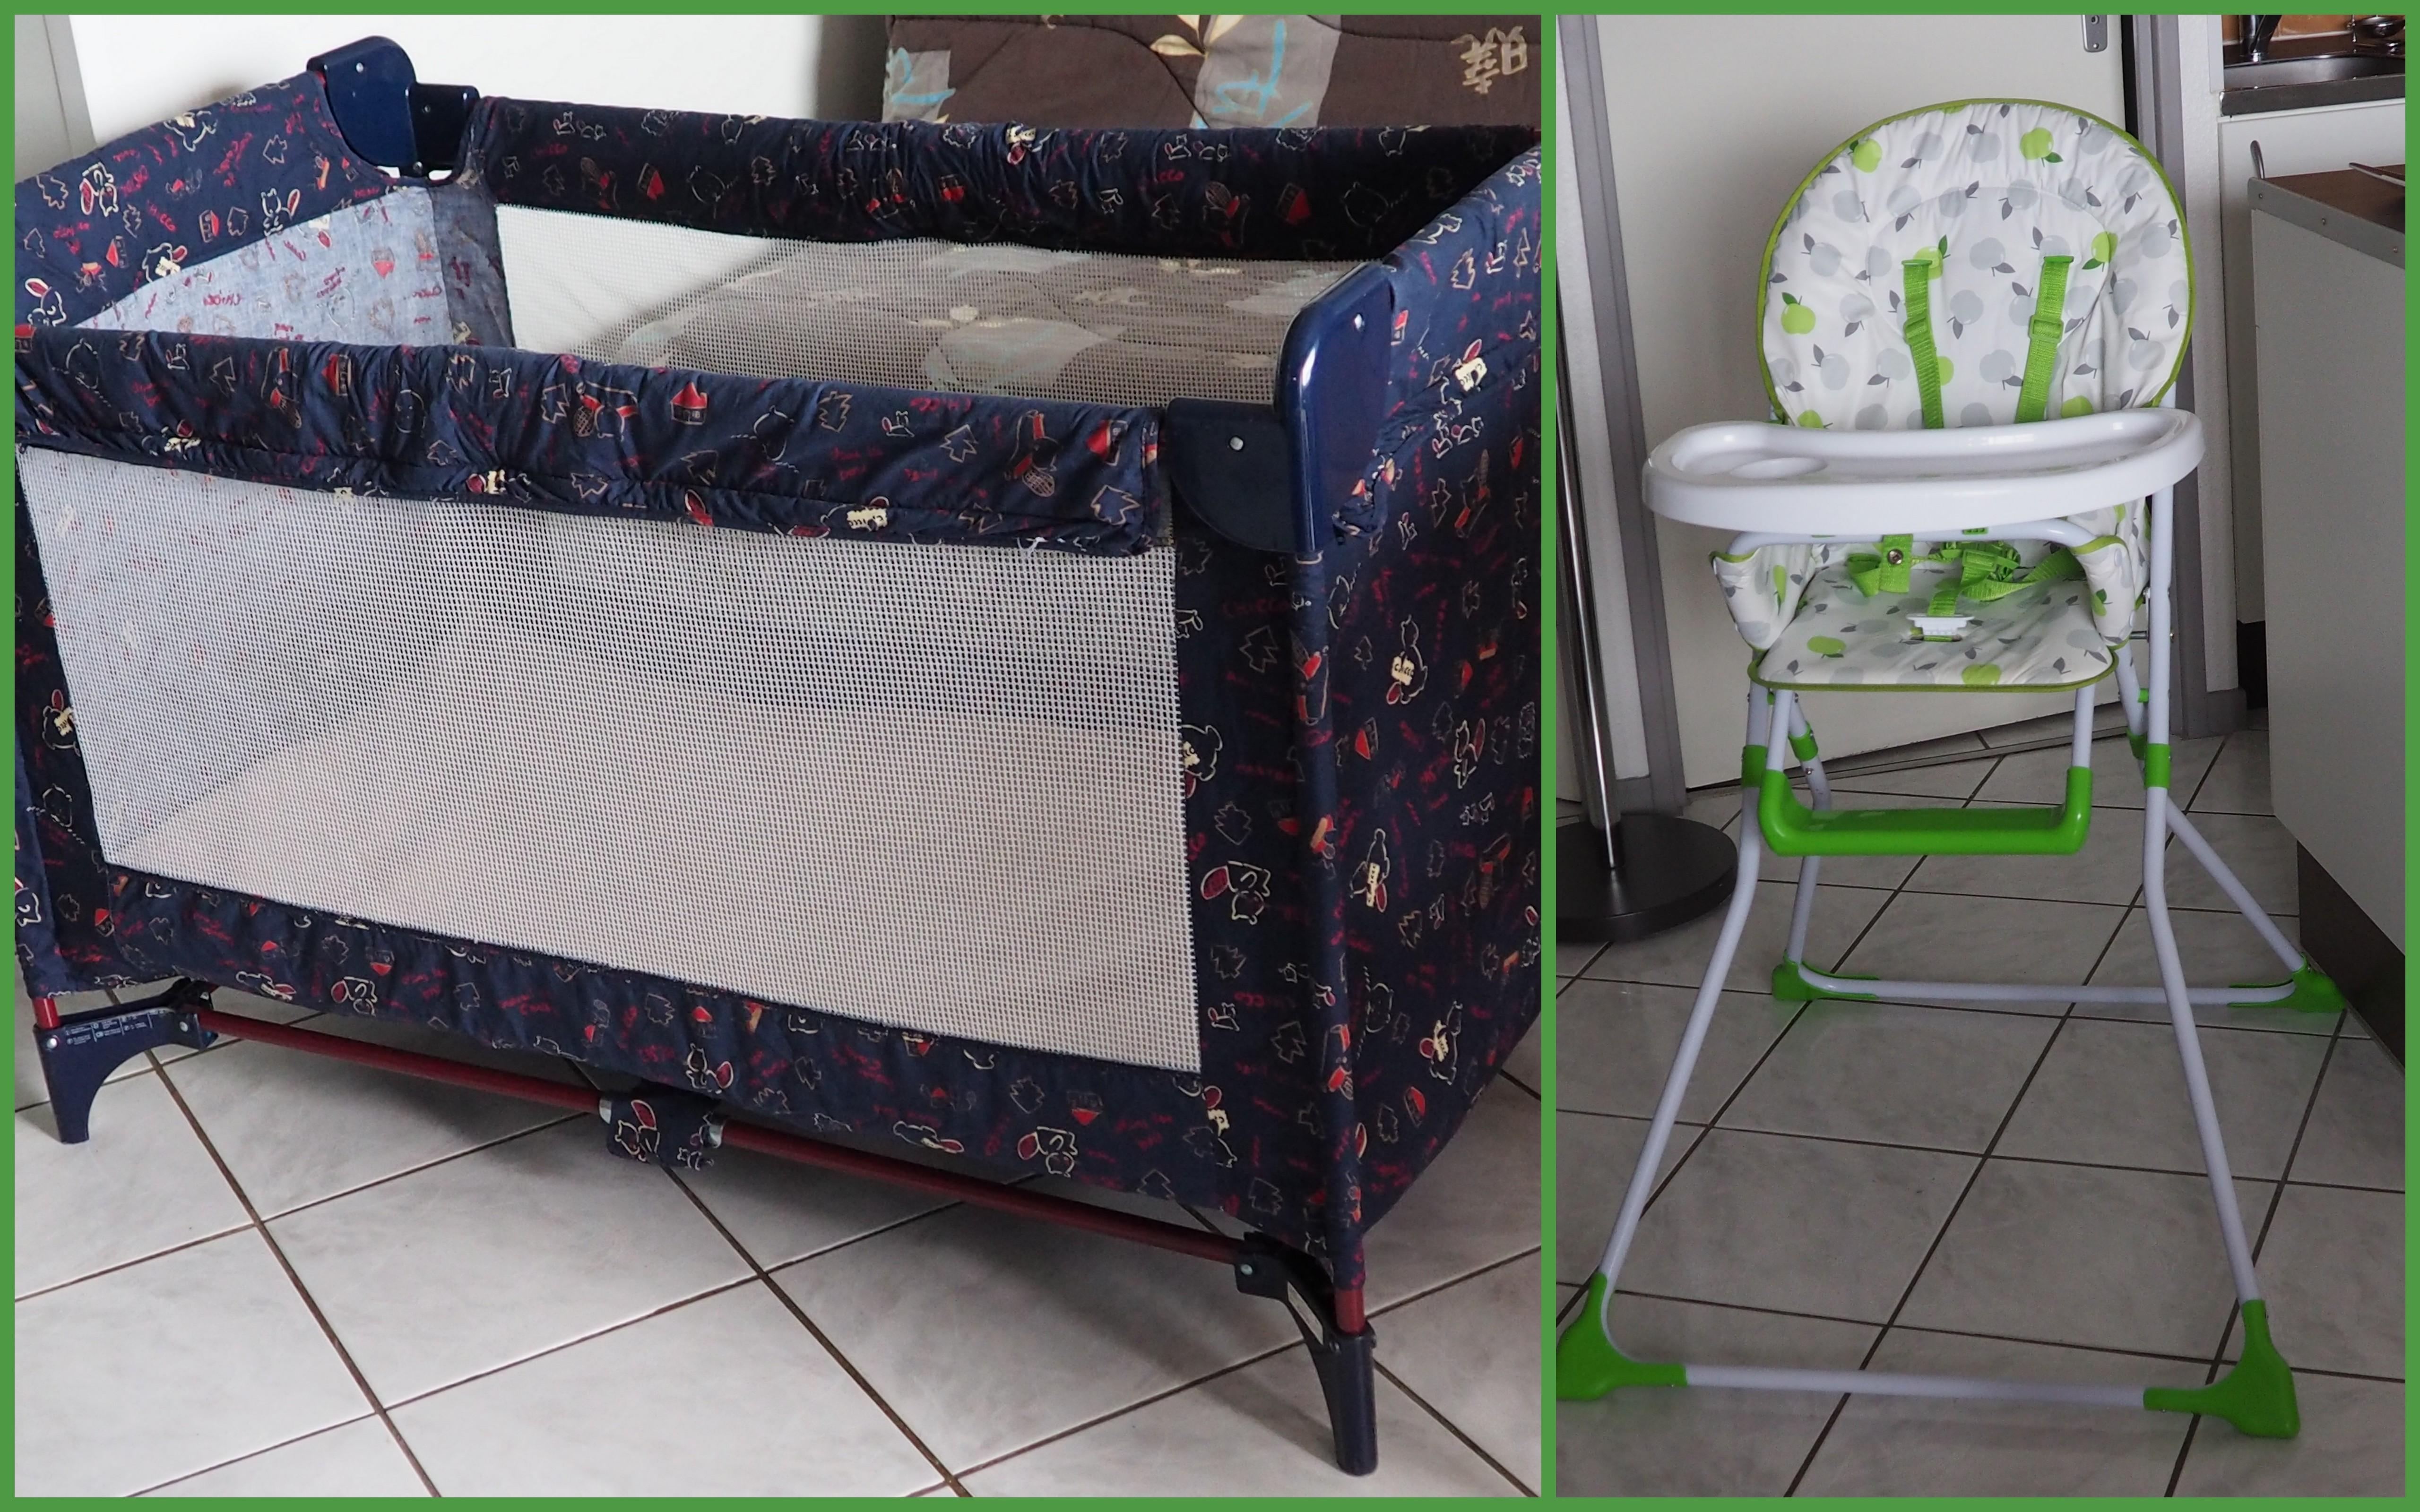 nouveaut s dans le logement lit parapluie et chaise haute pour b b location appartement. Black Bedroom Furniture Sets. Home Design Ideas